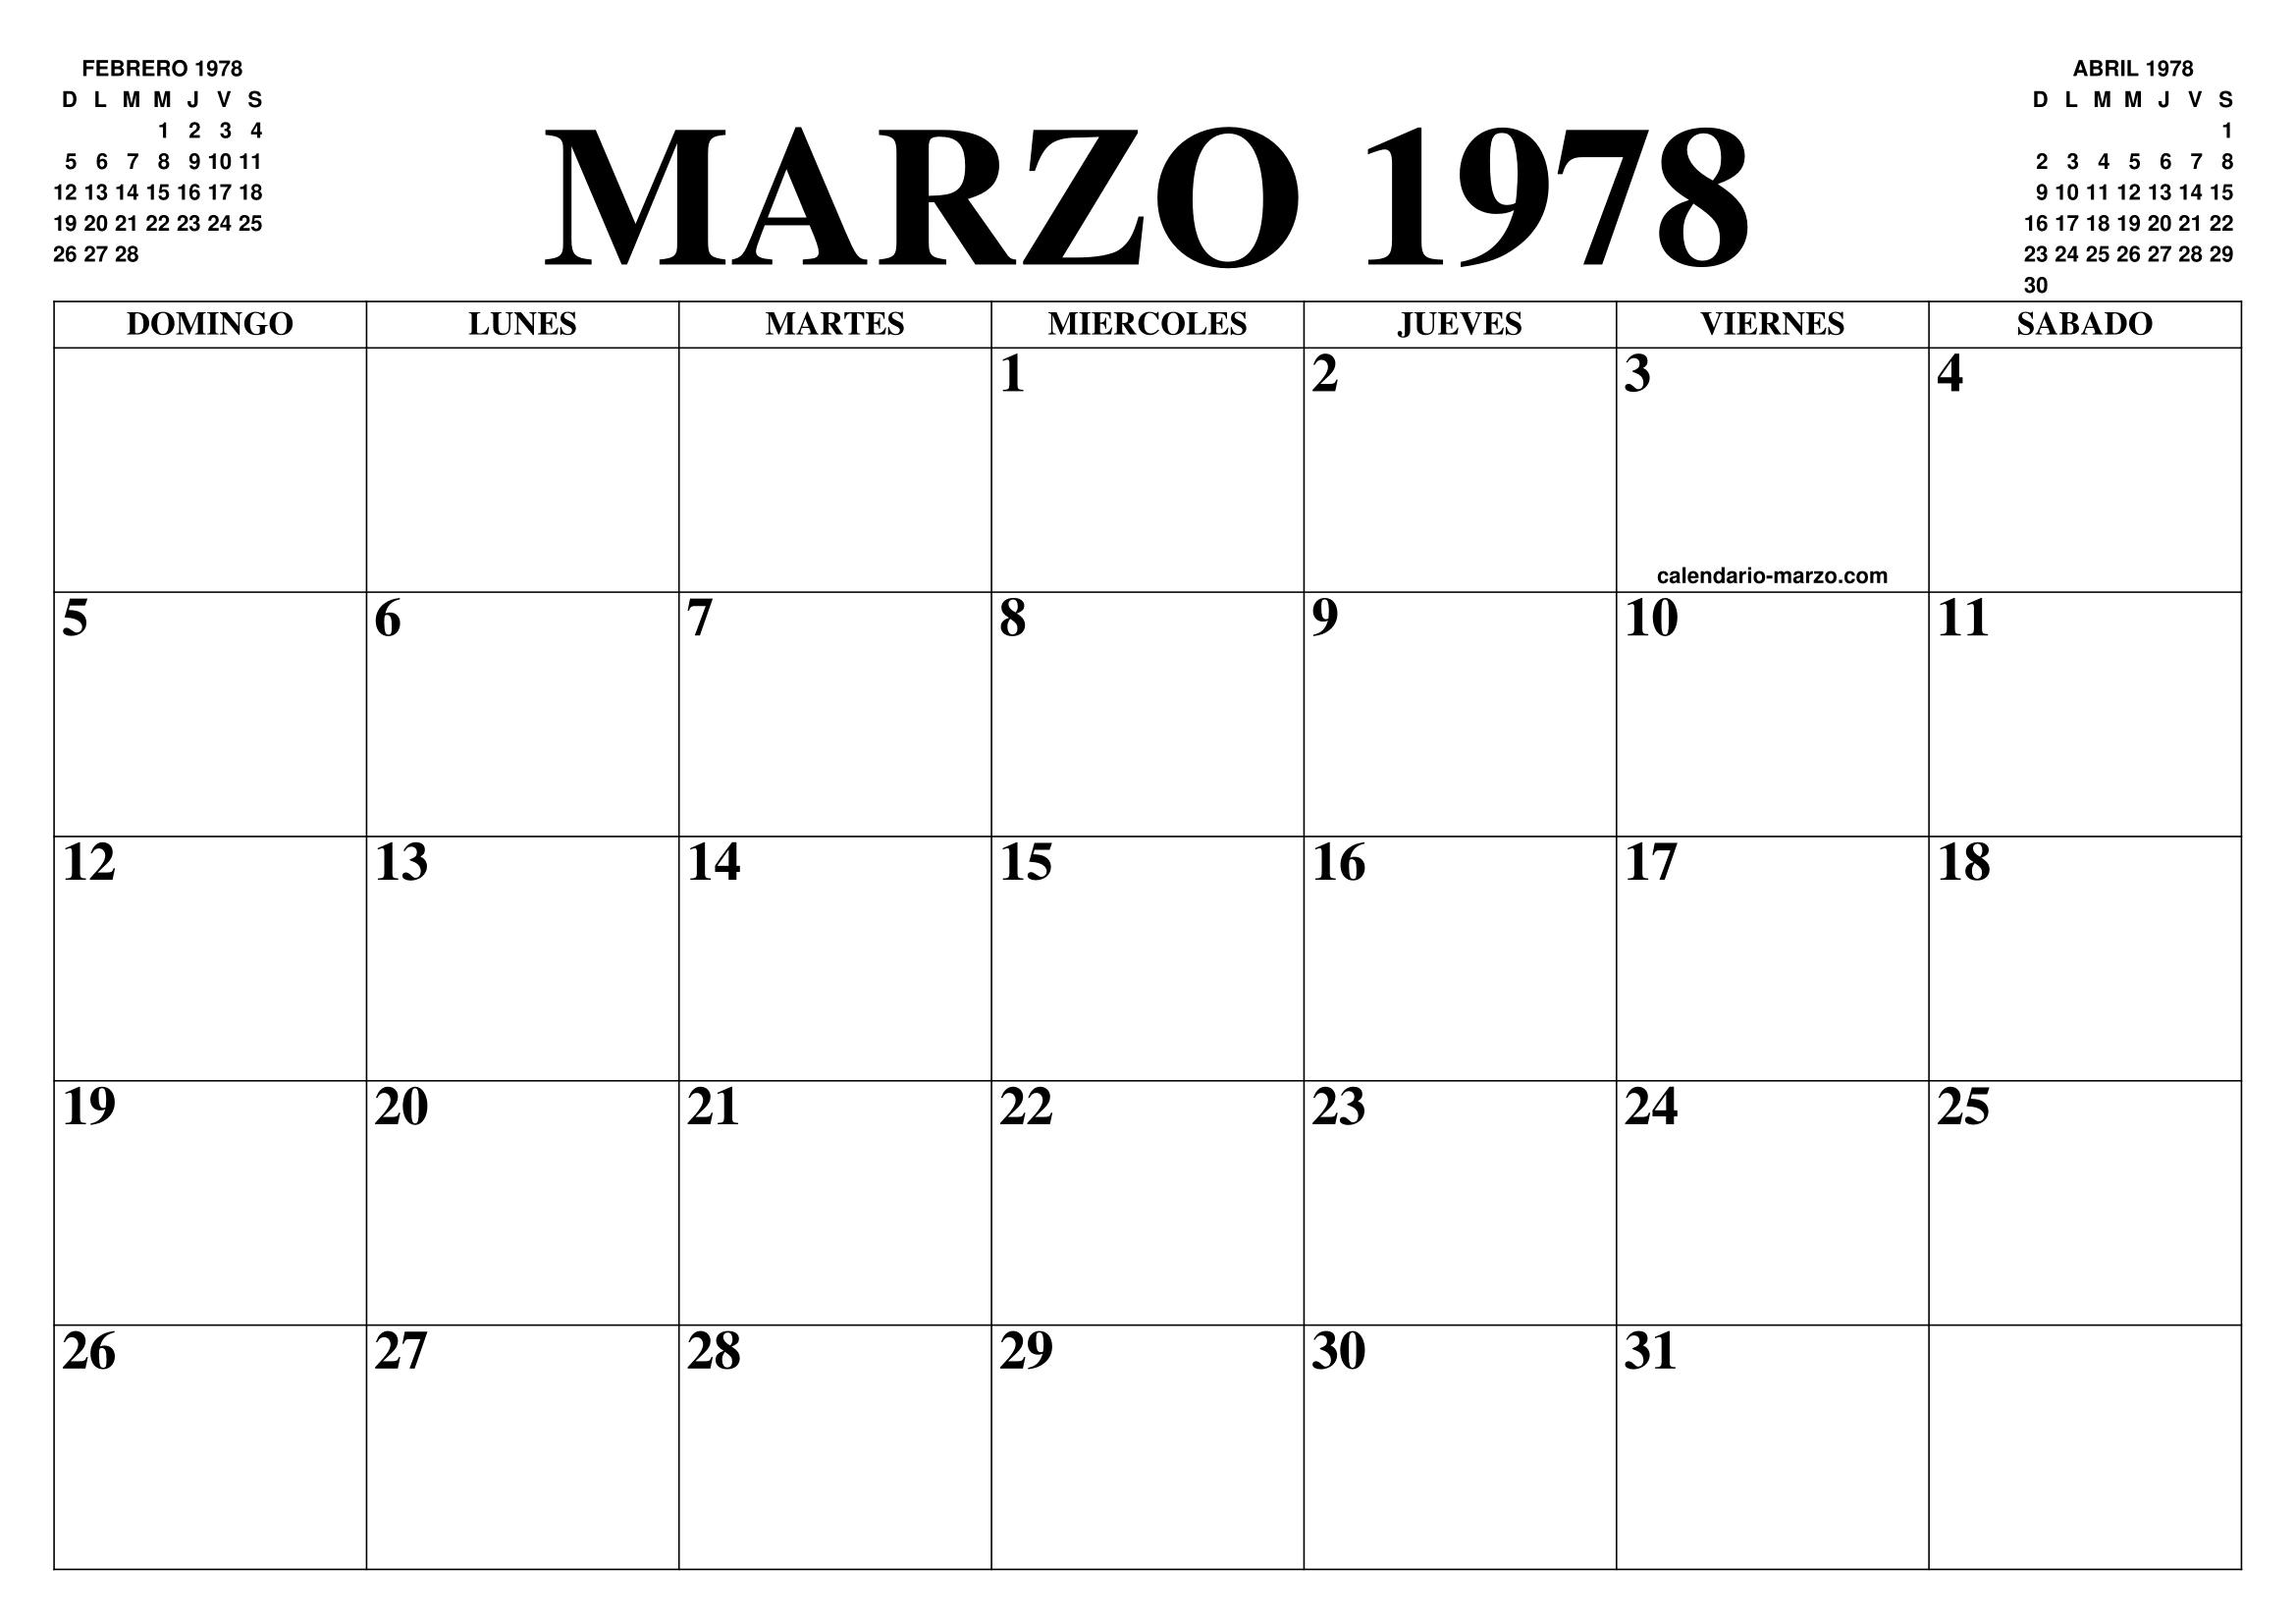 1978 Calendario.Calendario Marzo 1978 El Calendario Marzo Para Imprimir